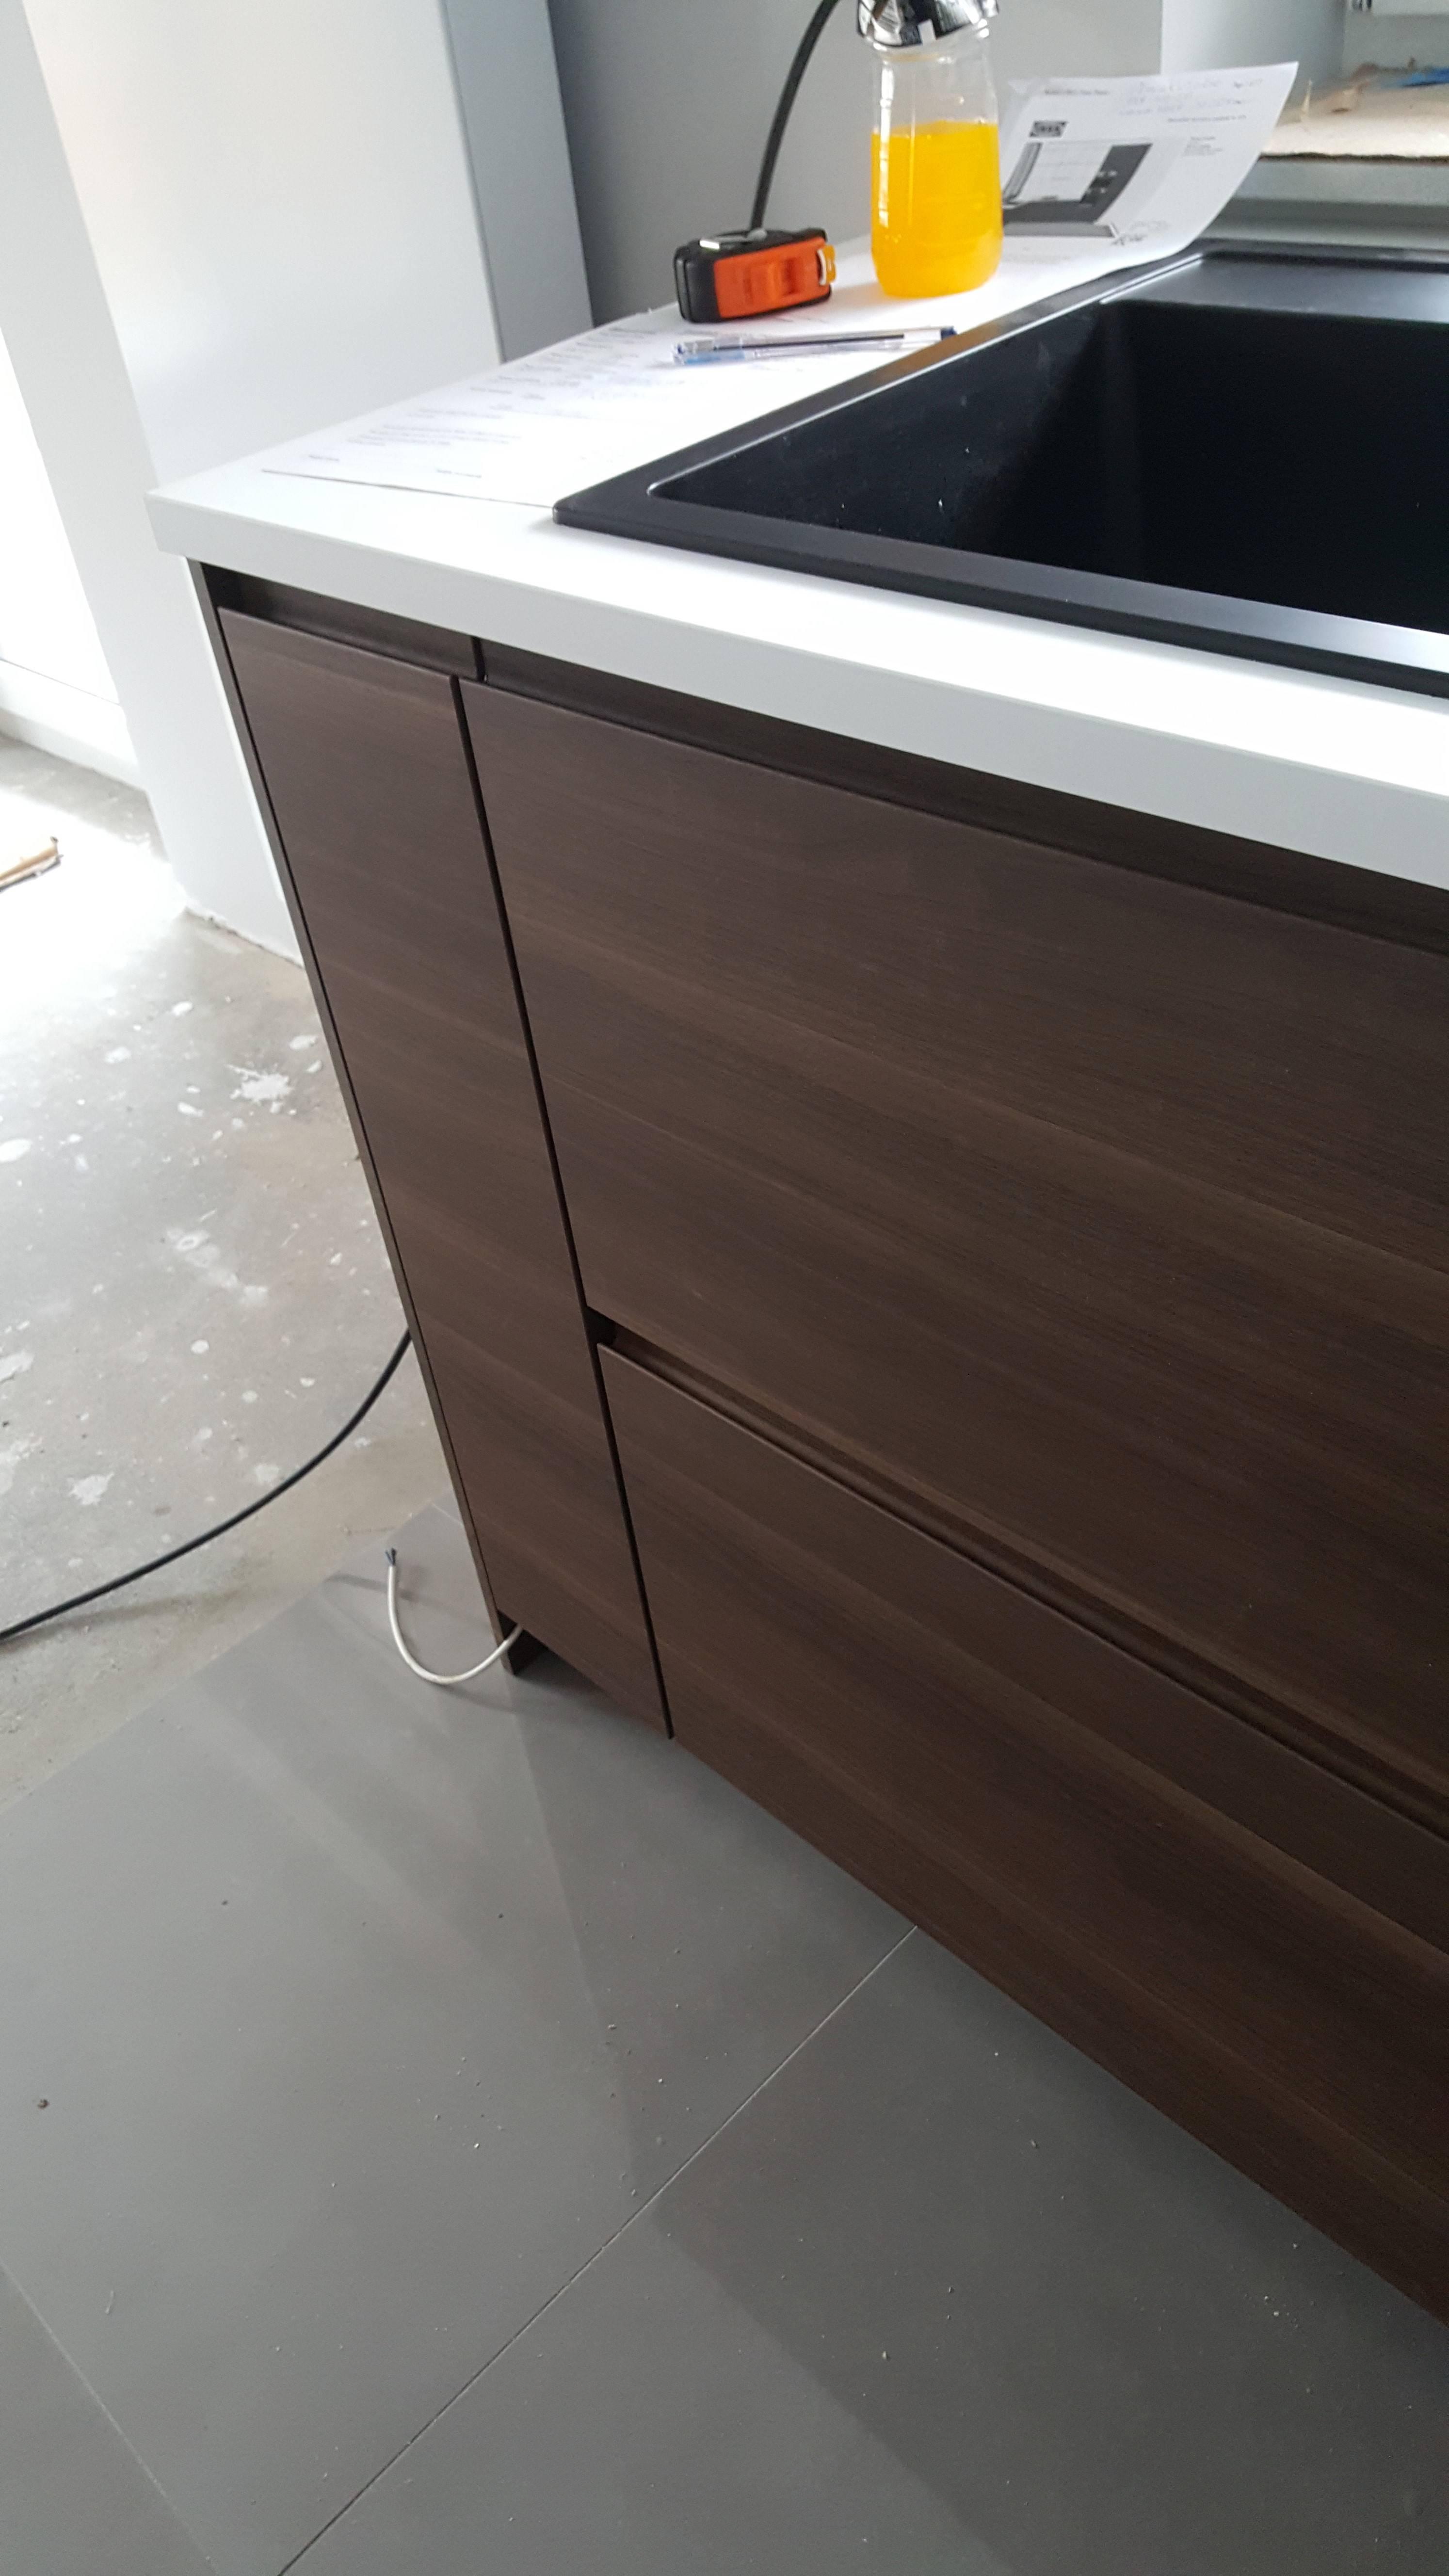 Składanie skręcanie mebli kuchennych IKEA